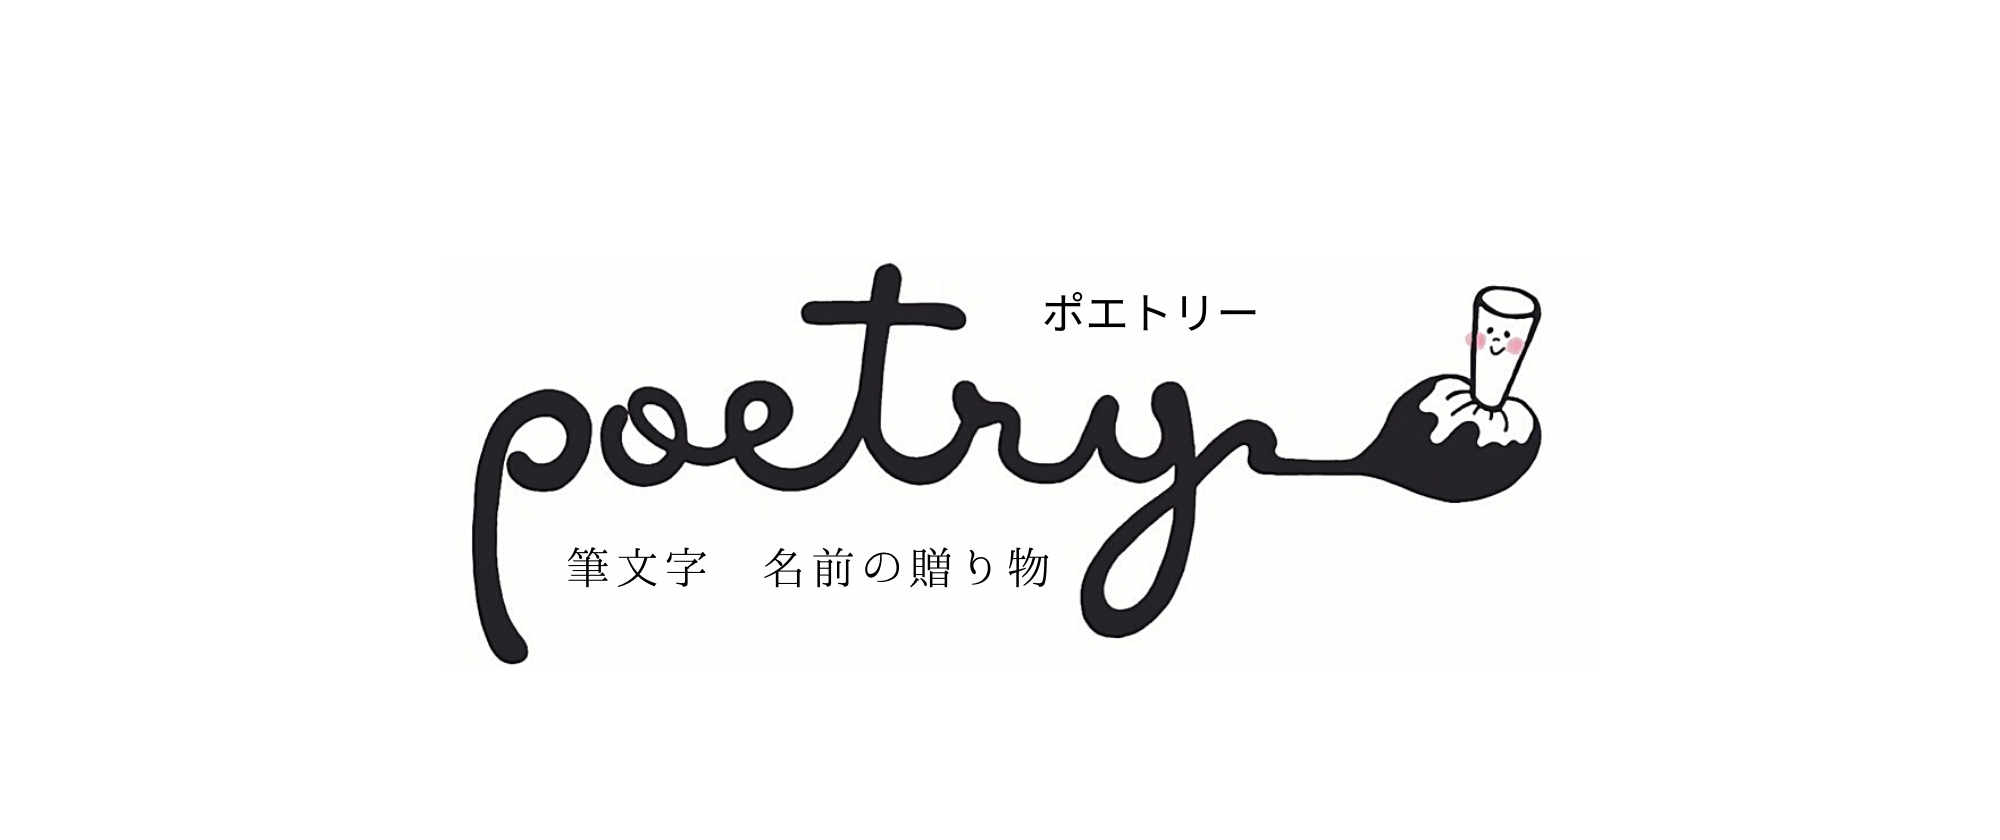 筆文字  名前の贈り物    poetry (ポエトリー)